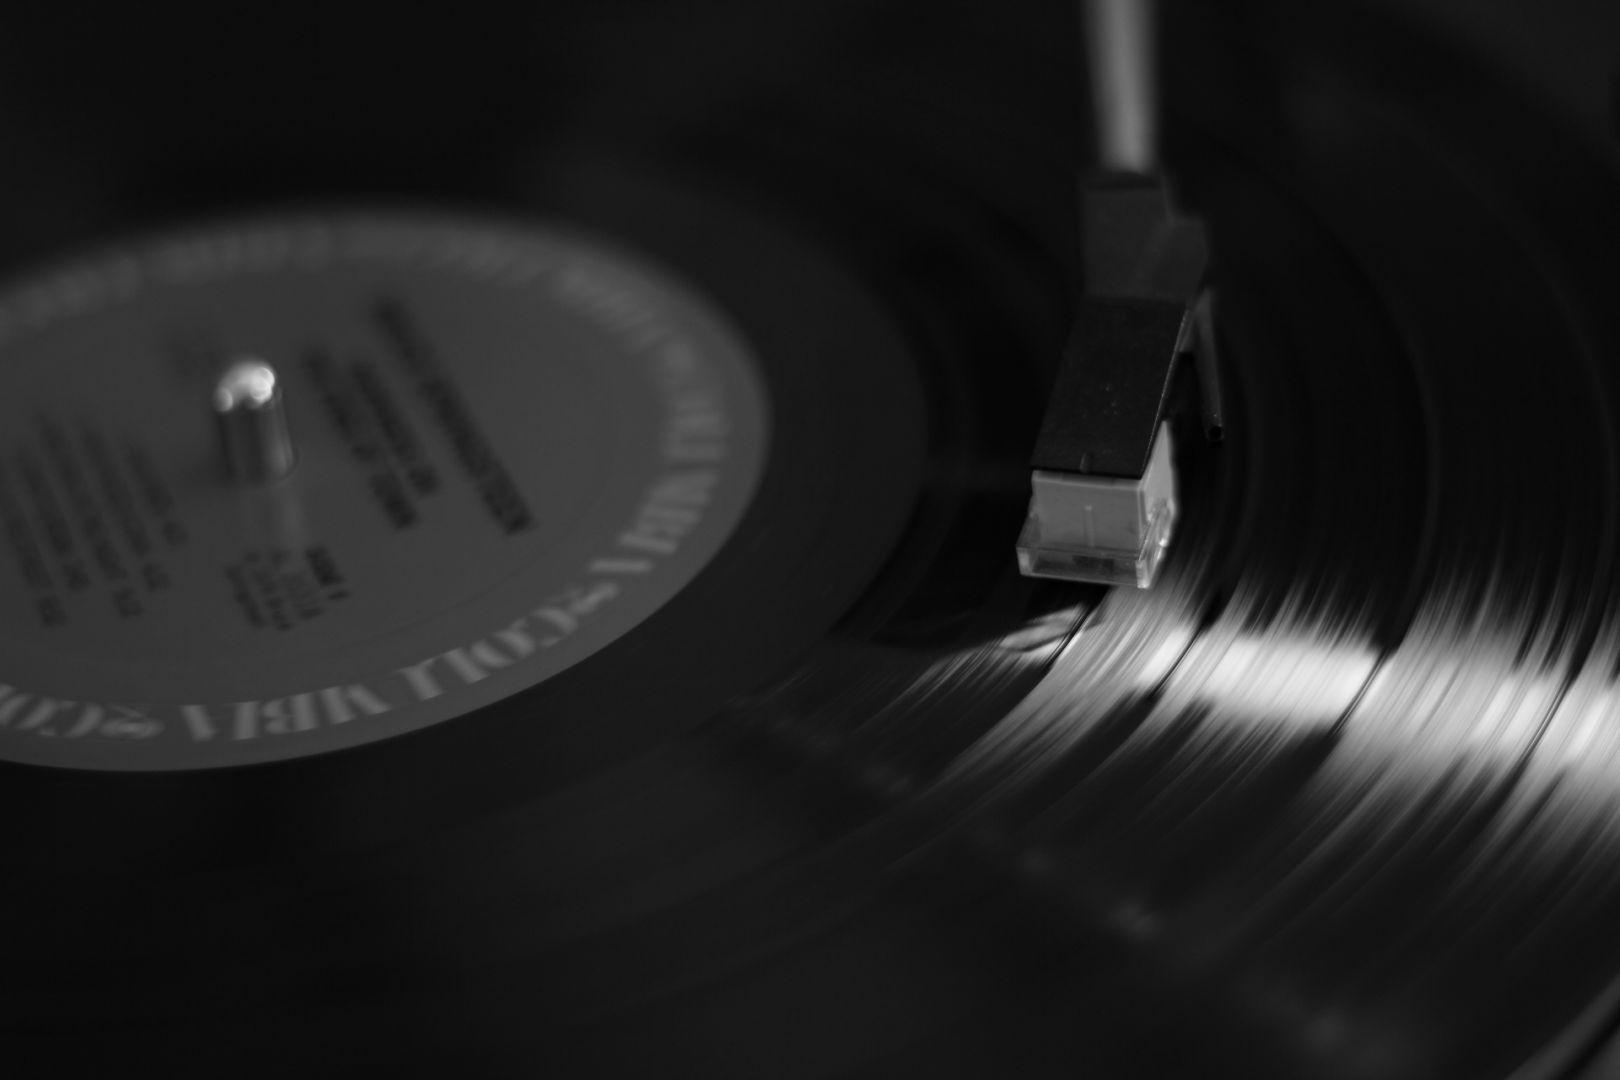 Сони возобновит выпуск виниловых пластинок спустя 28 лет